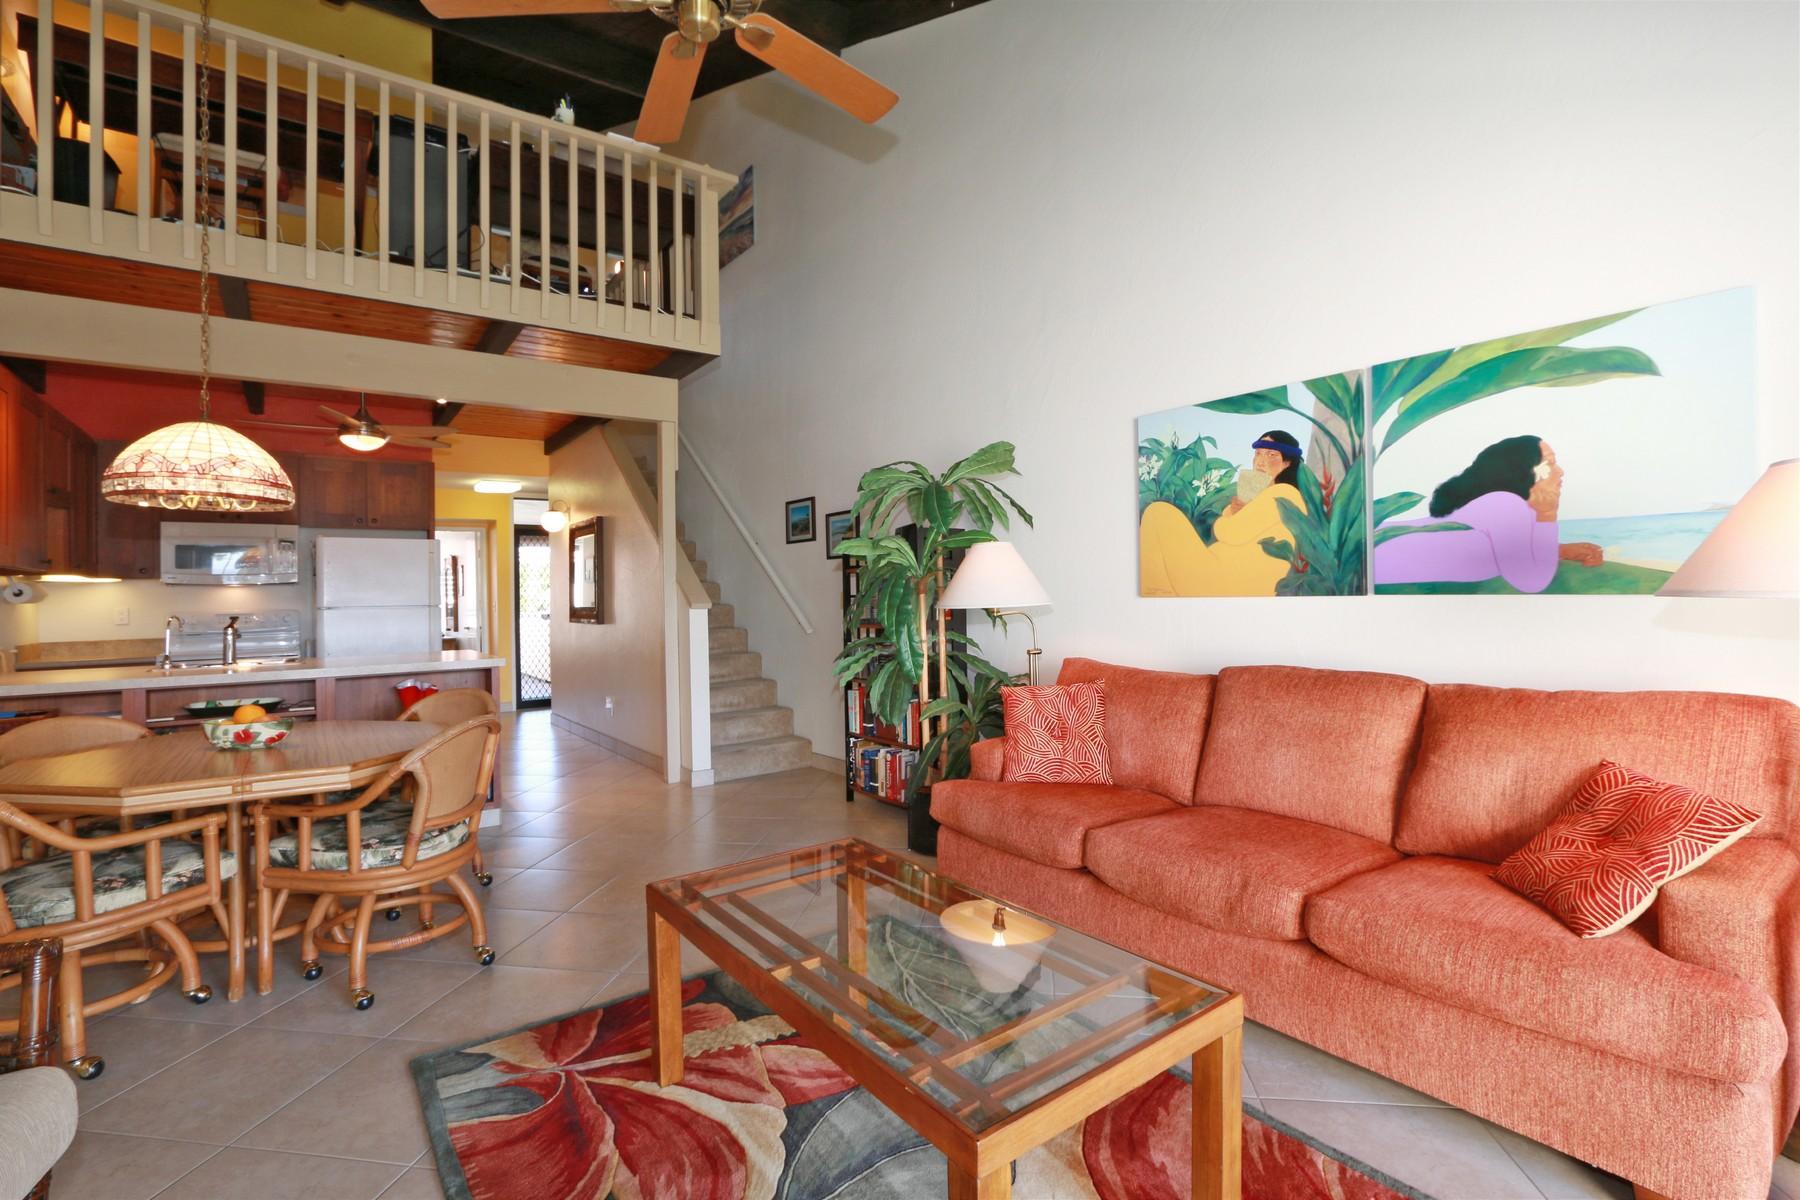 Kat Mülkiyeti için Satış at Beautiful Condominium Across From The Ocean in South Maui 2737 South Kihei Road, Hale Kamaole 331 Kihei, Hawaii 96753 Amerika Birleşik Devletleri